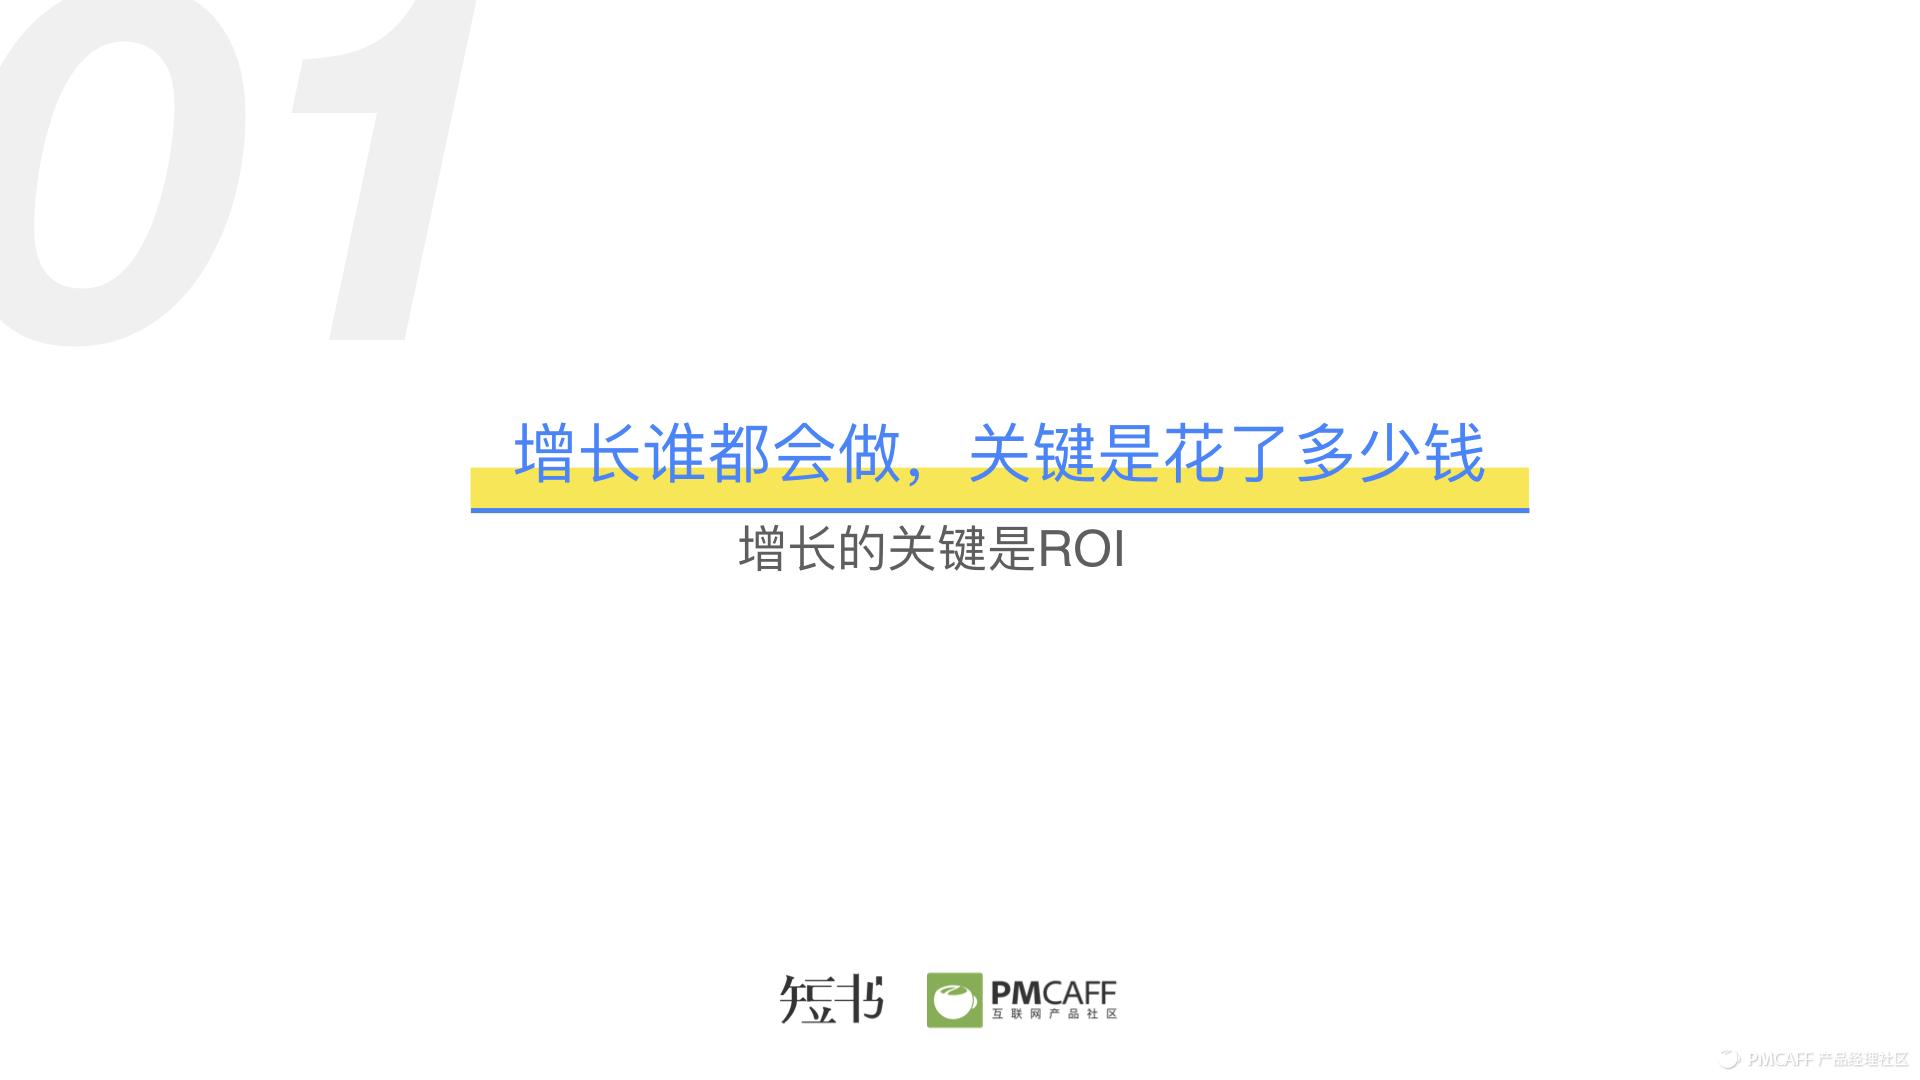 增长思维的关键是ROI_加玮